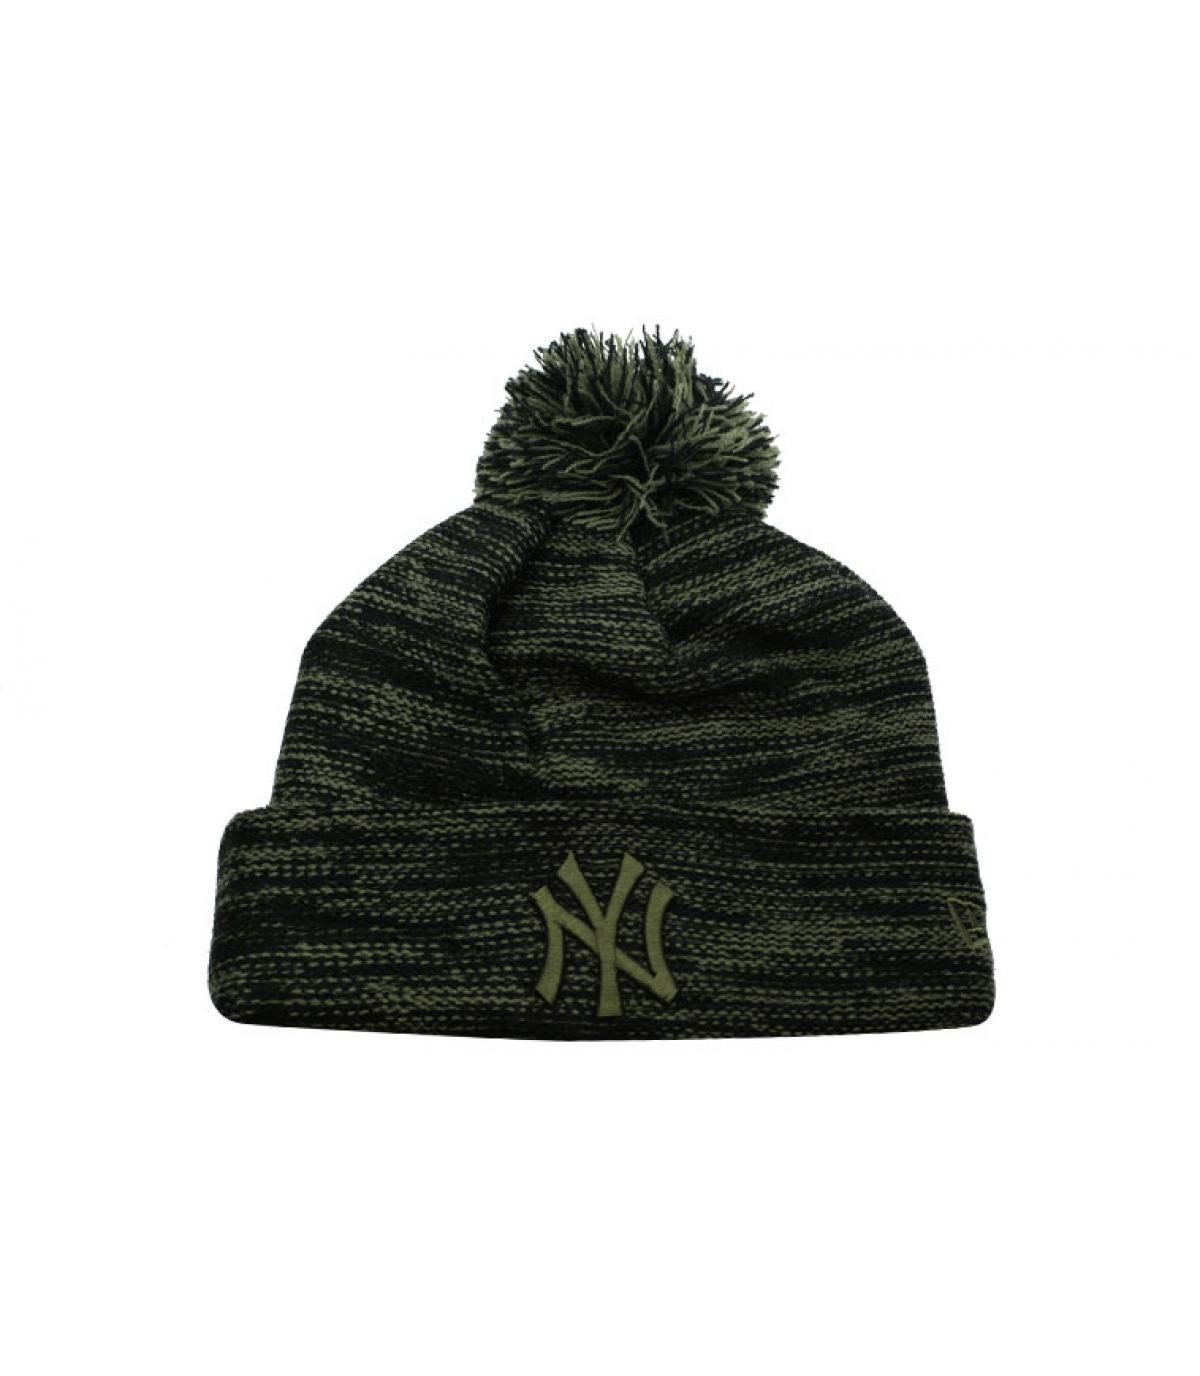 NY hoed zwart groen